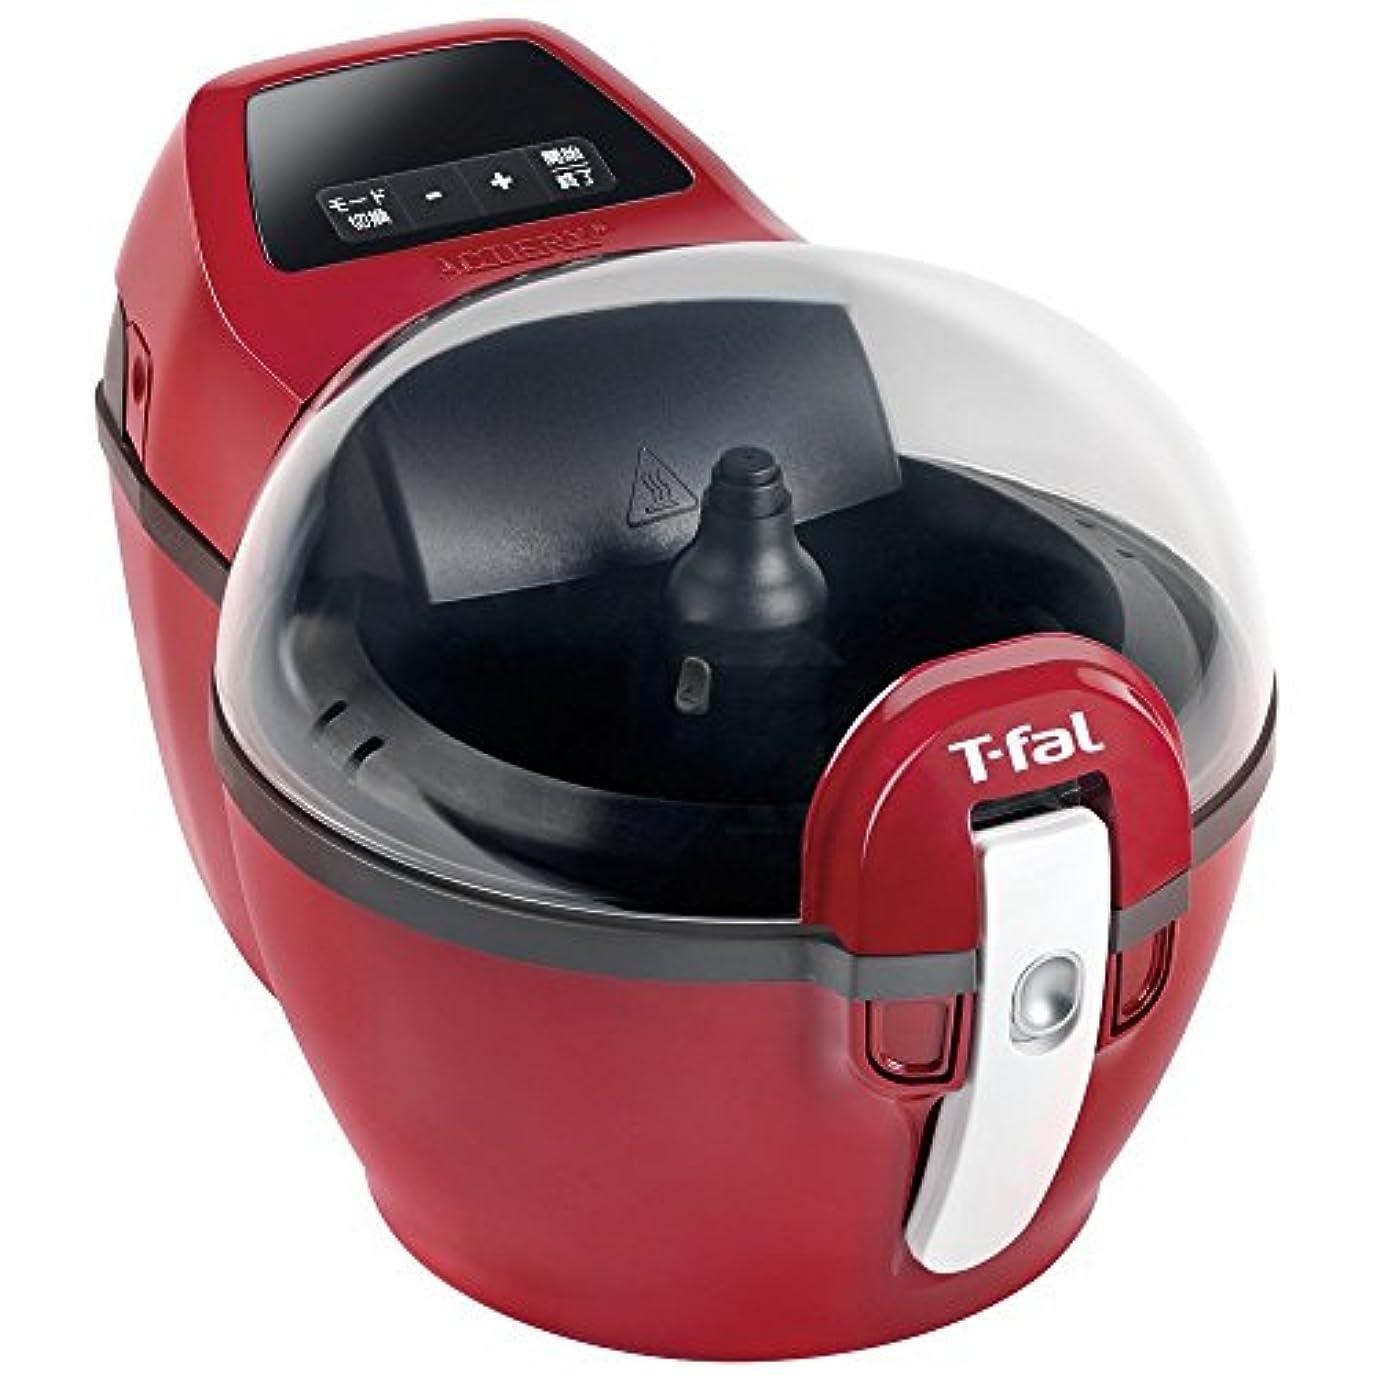 慎重浸透する宝ティファール 電気フライヤー アクティフライ  揚げ物 炒め物 煮込み レッド 調理家電 FZ205588